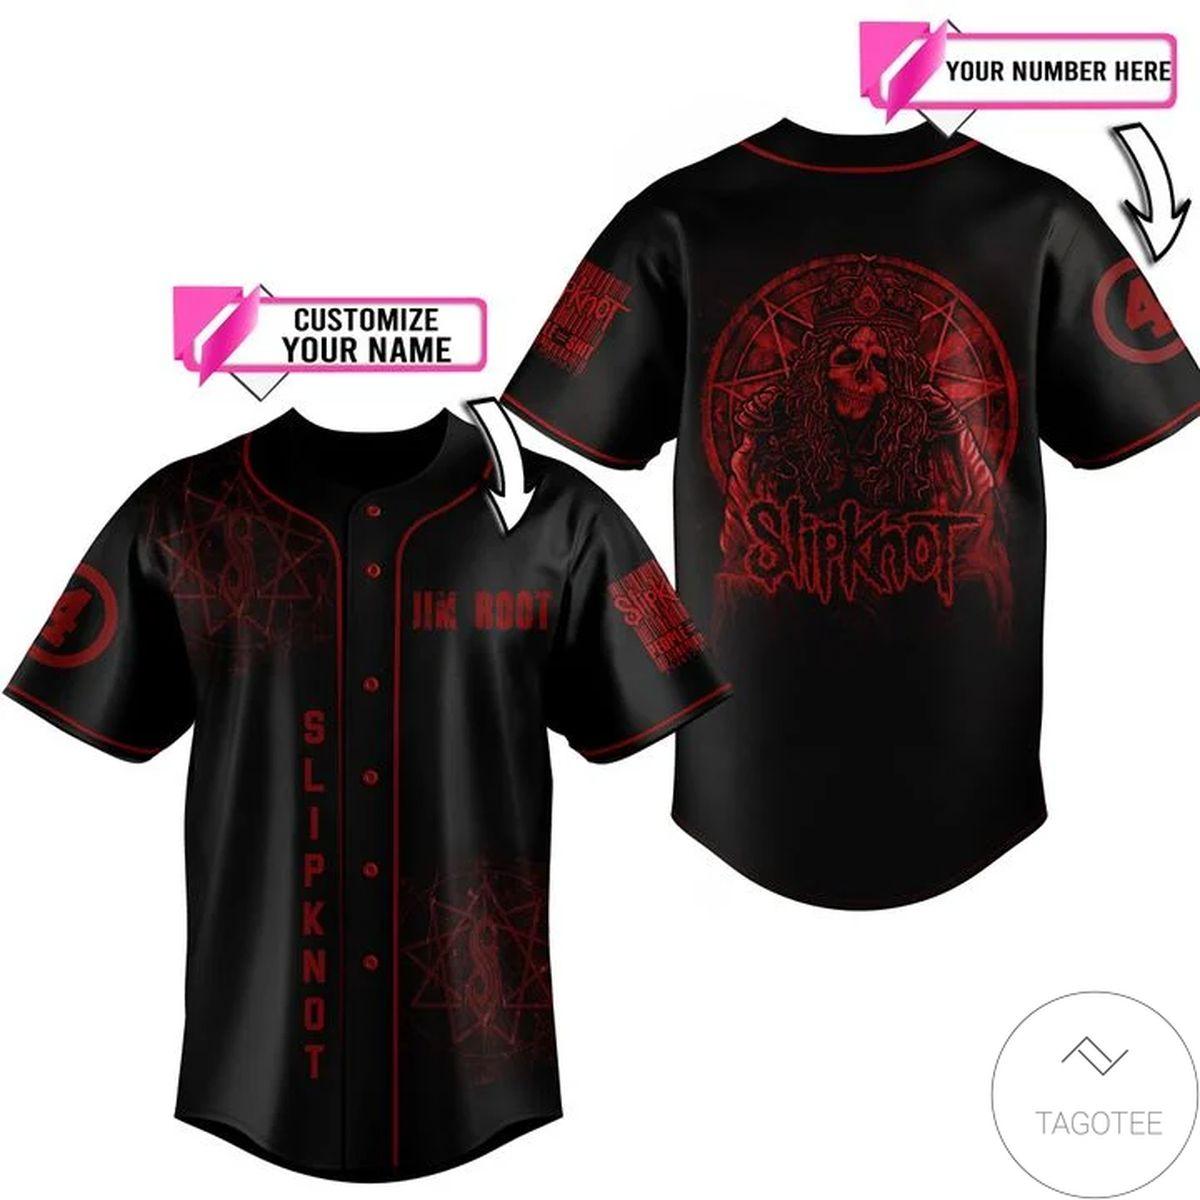 Personalized Slipknot Baseball Jersey